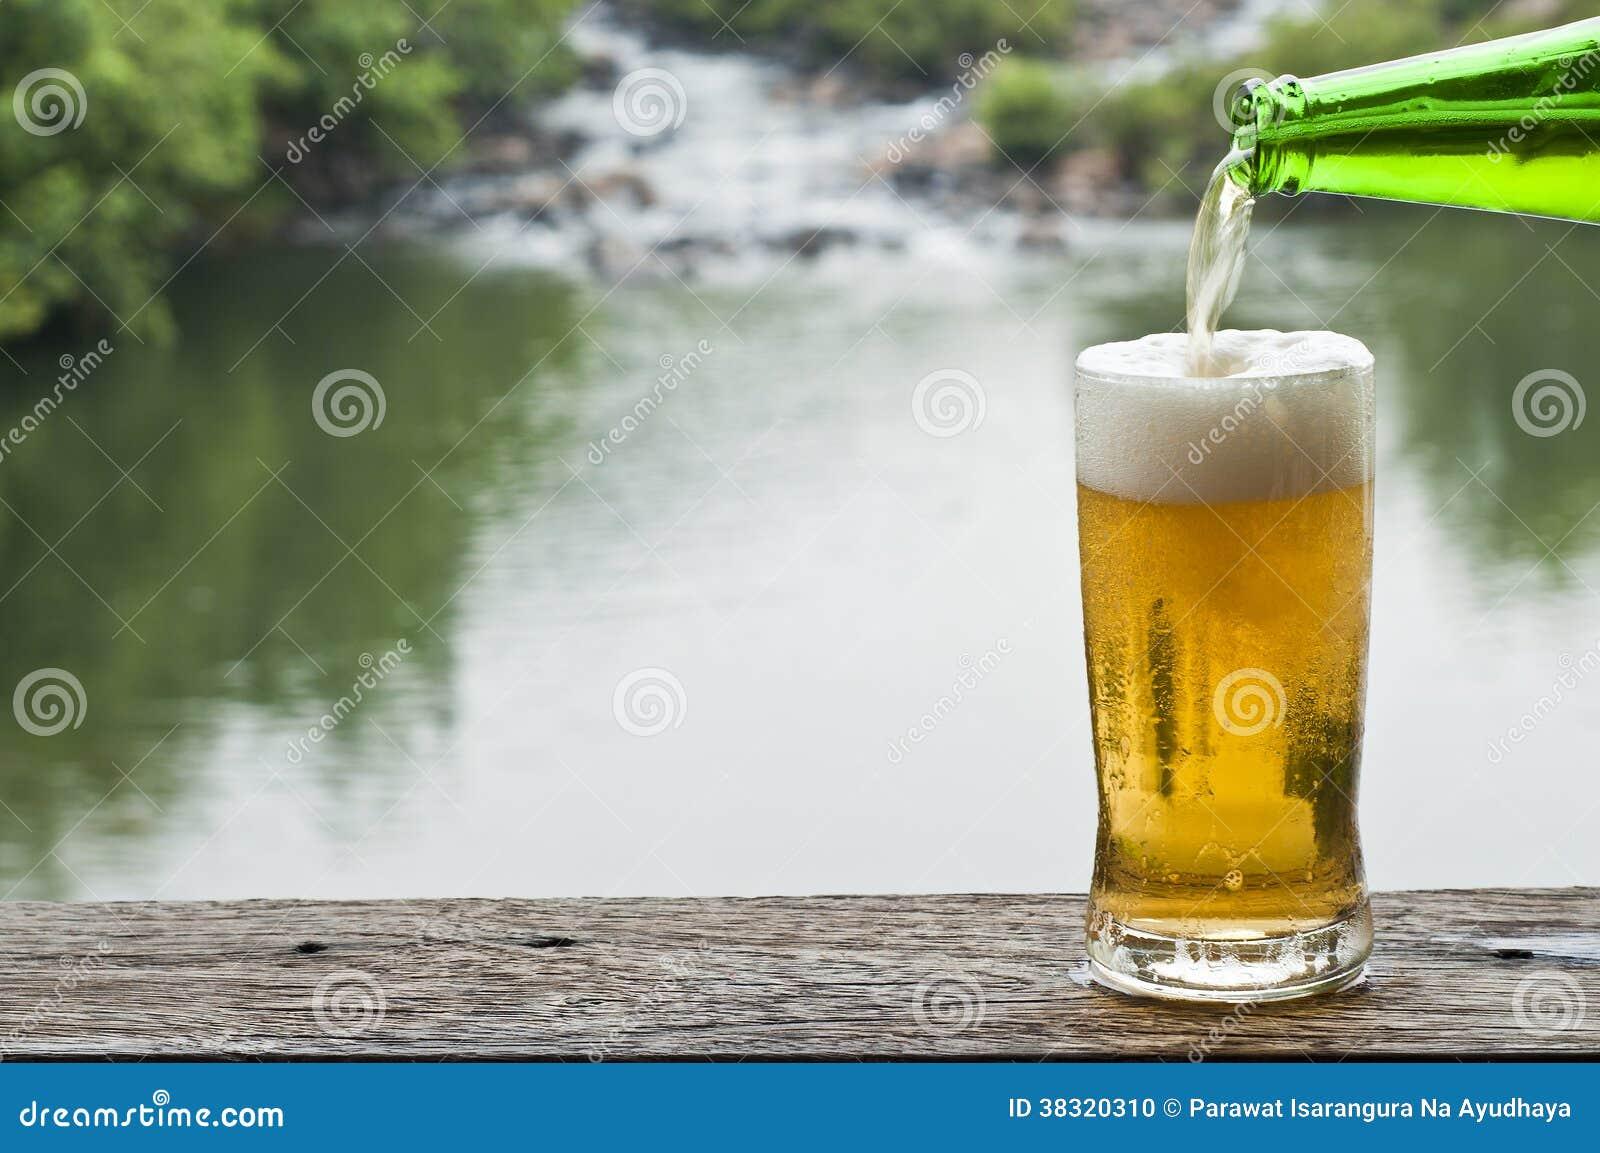 Bier am Wasserfall.